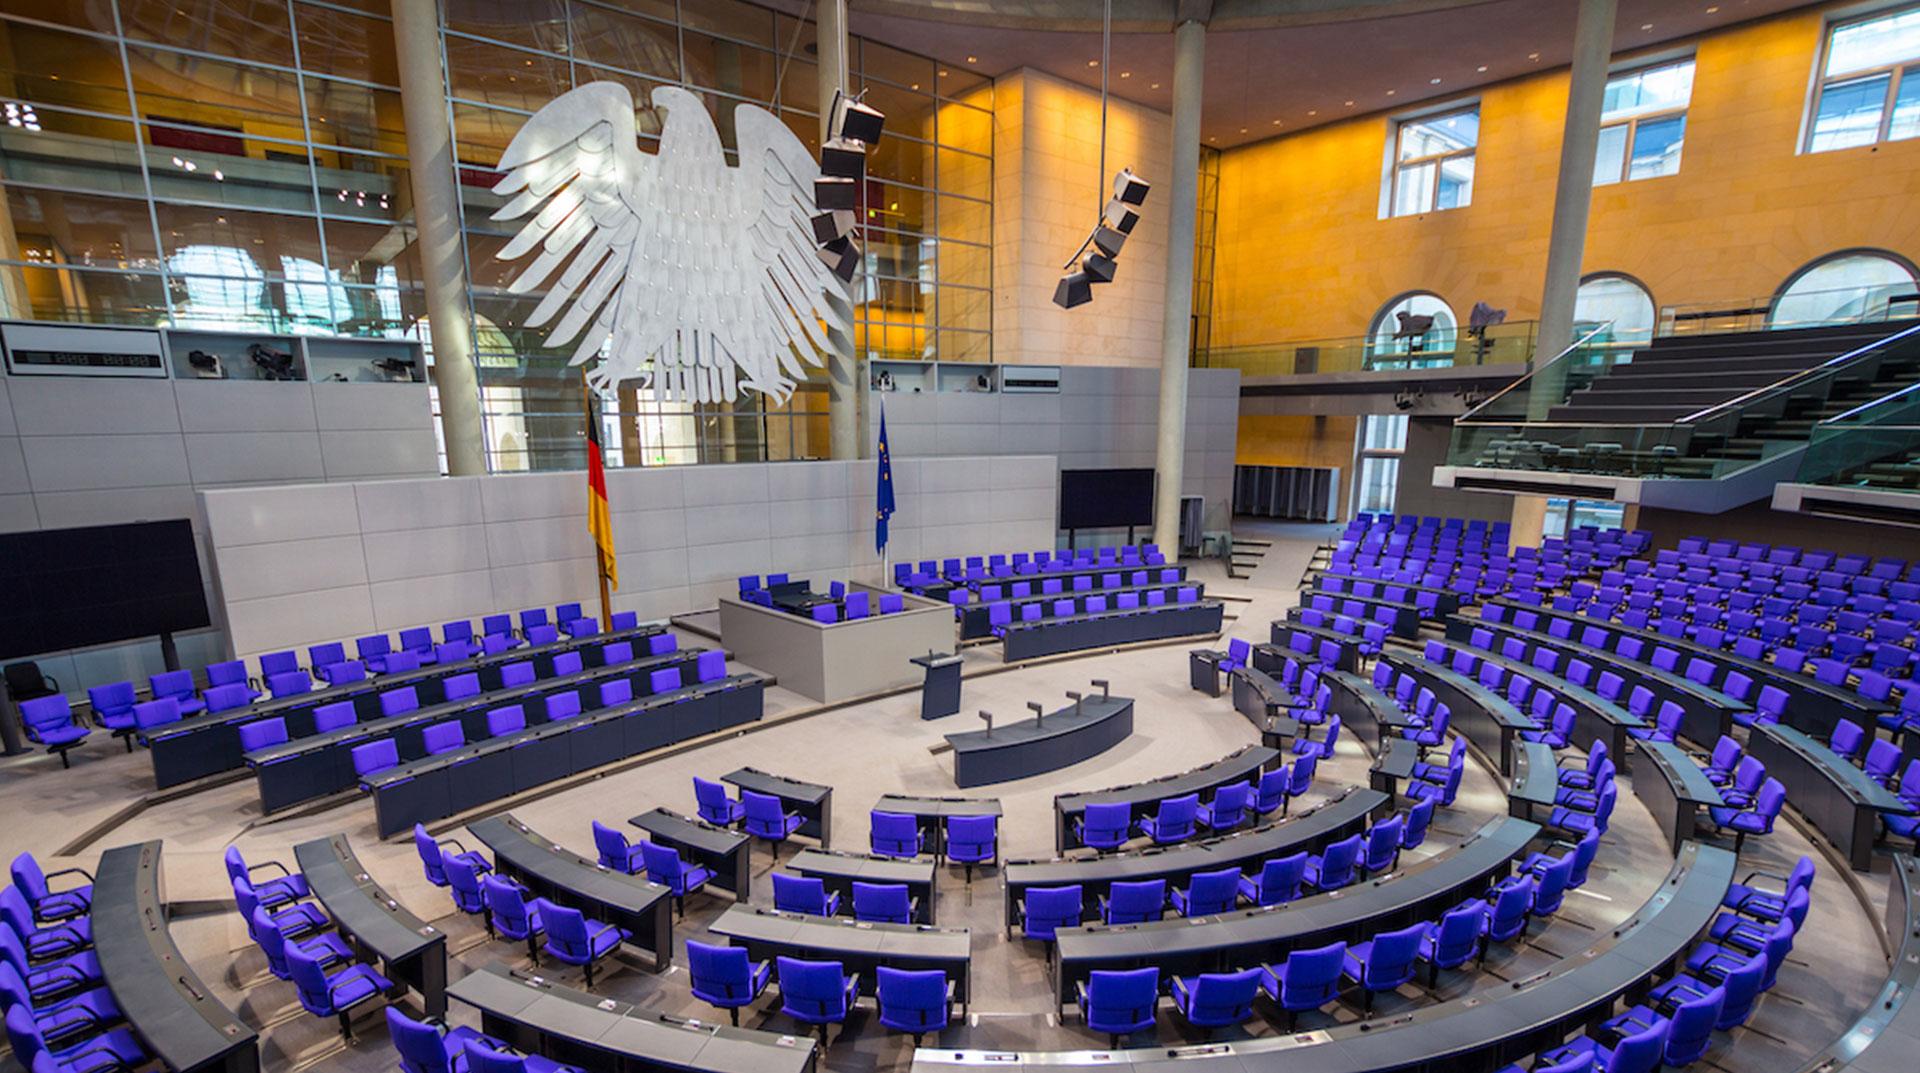 Alman Meclisinde Türkiye Tartışması: NATO'dan Çıkarılsın